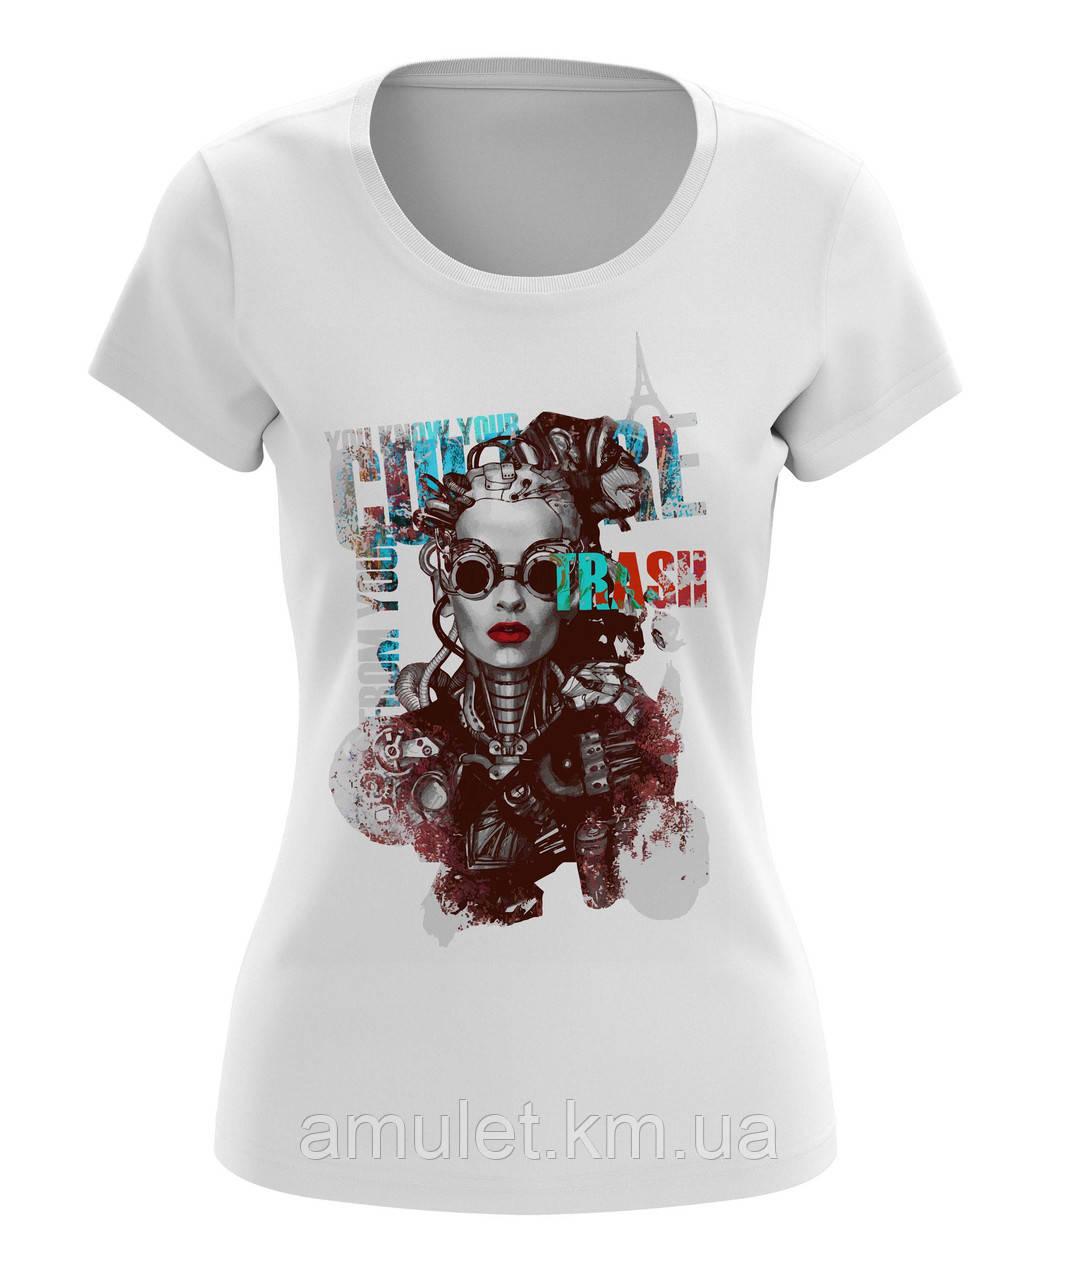 """Жіноча футболка з принтом """"Жінка-робот"""""""